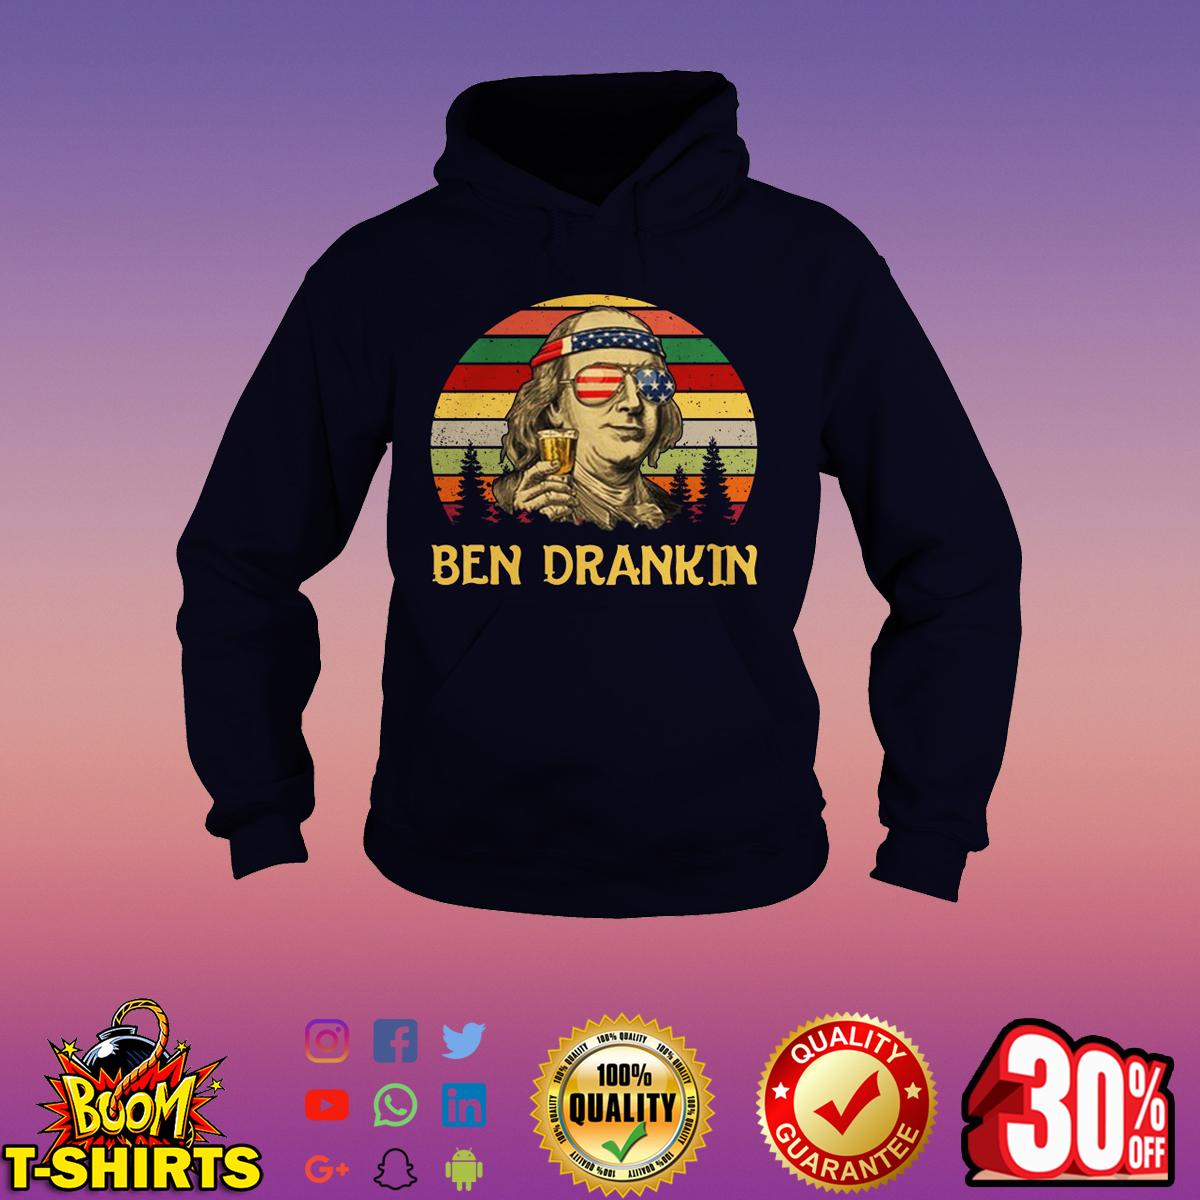 Ben Drankin 4th Of July vintage hoodie